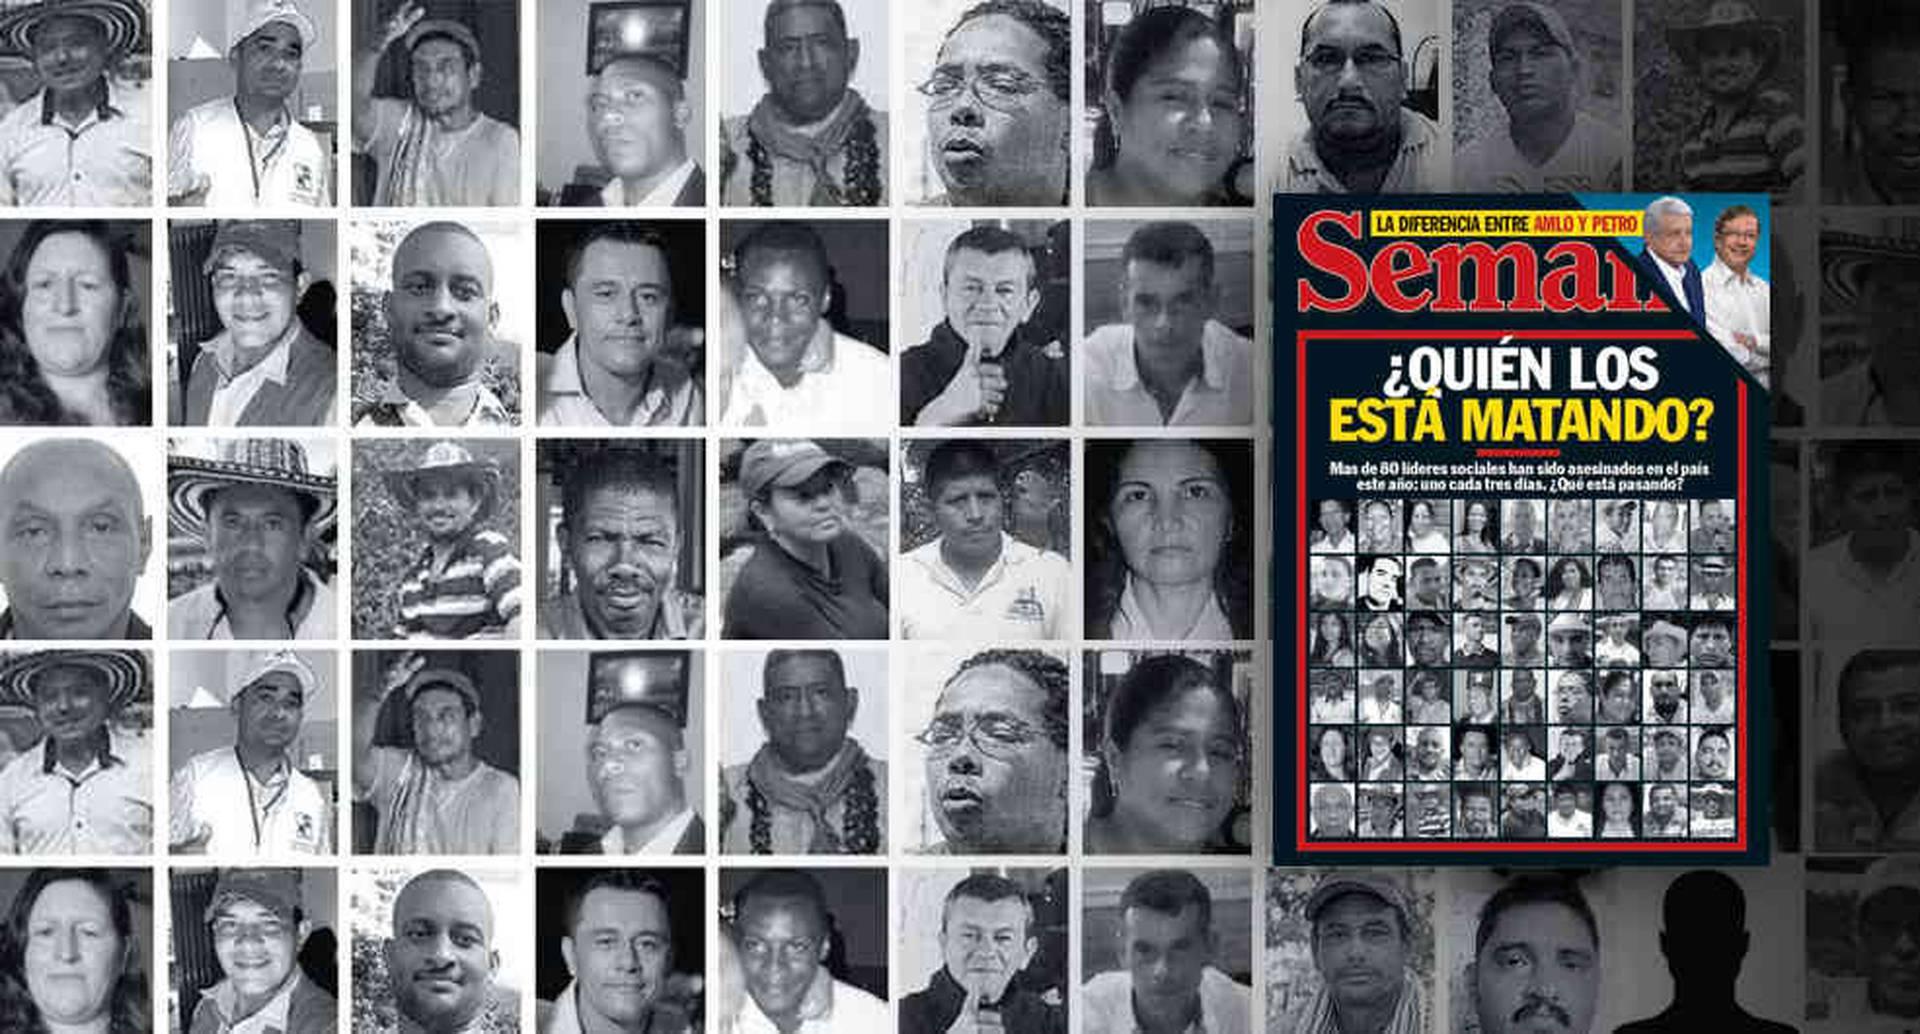 Tan solo en 1988, hubo 278 asesinatos de esa agrupación política y para el inicio del milenio la cifra era la misma. Según datos de la organización Somos Defensores, en 2015 hubo 63 homicidios de líderes; en 2016, 80; en 2017, 106; y este año van 79.